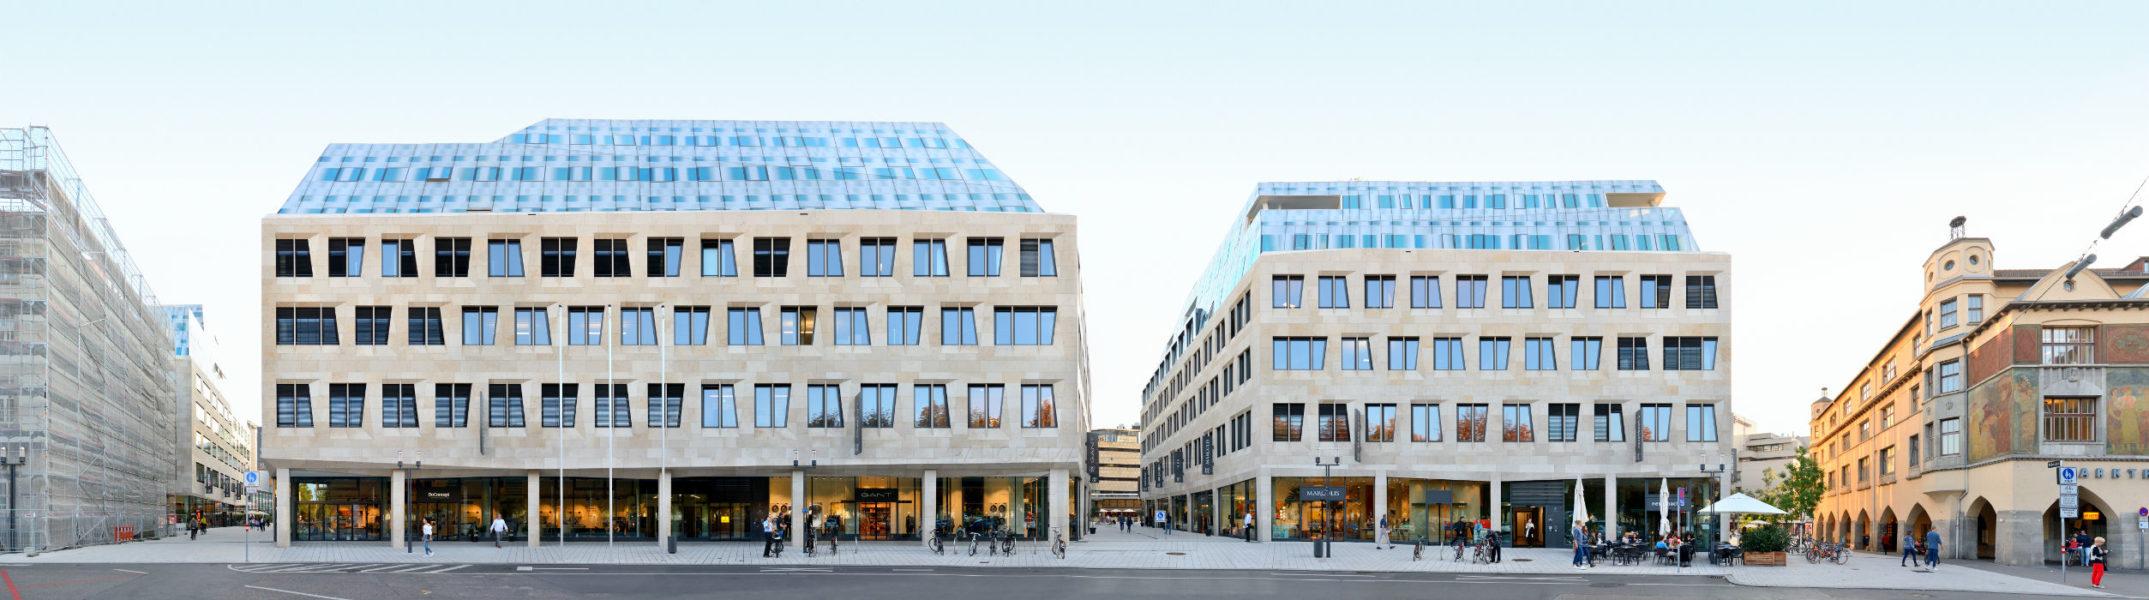 Dorotheen Quartier | Dorotheenstrasse